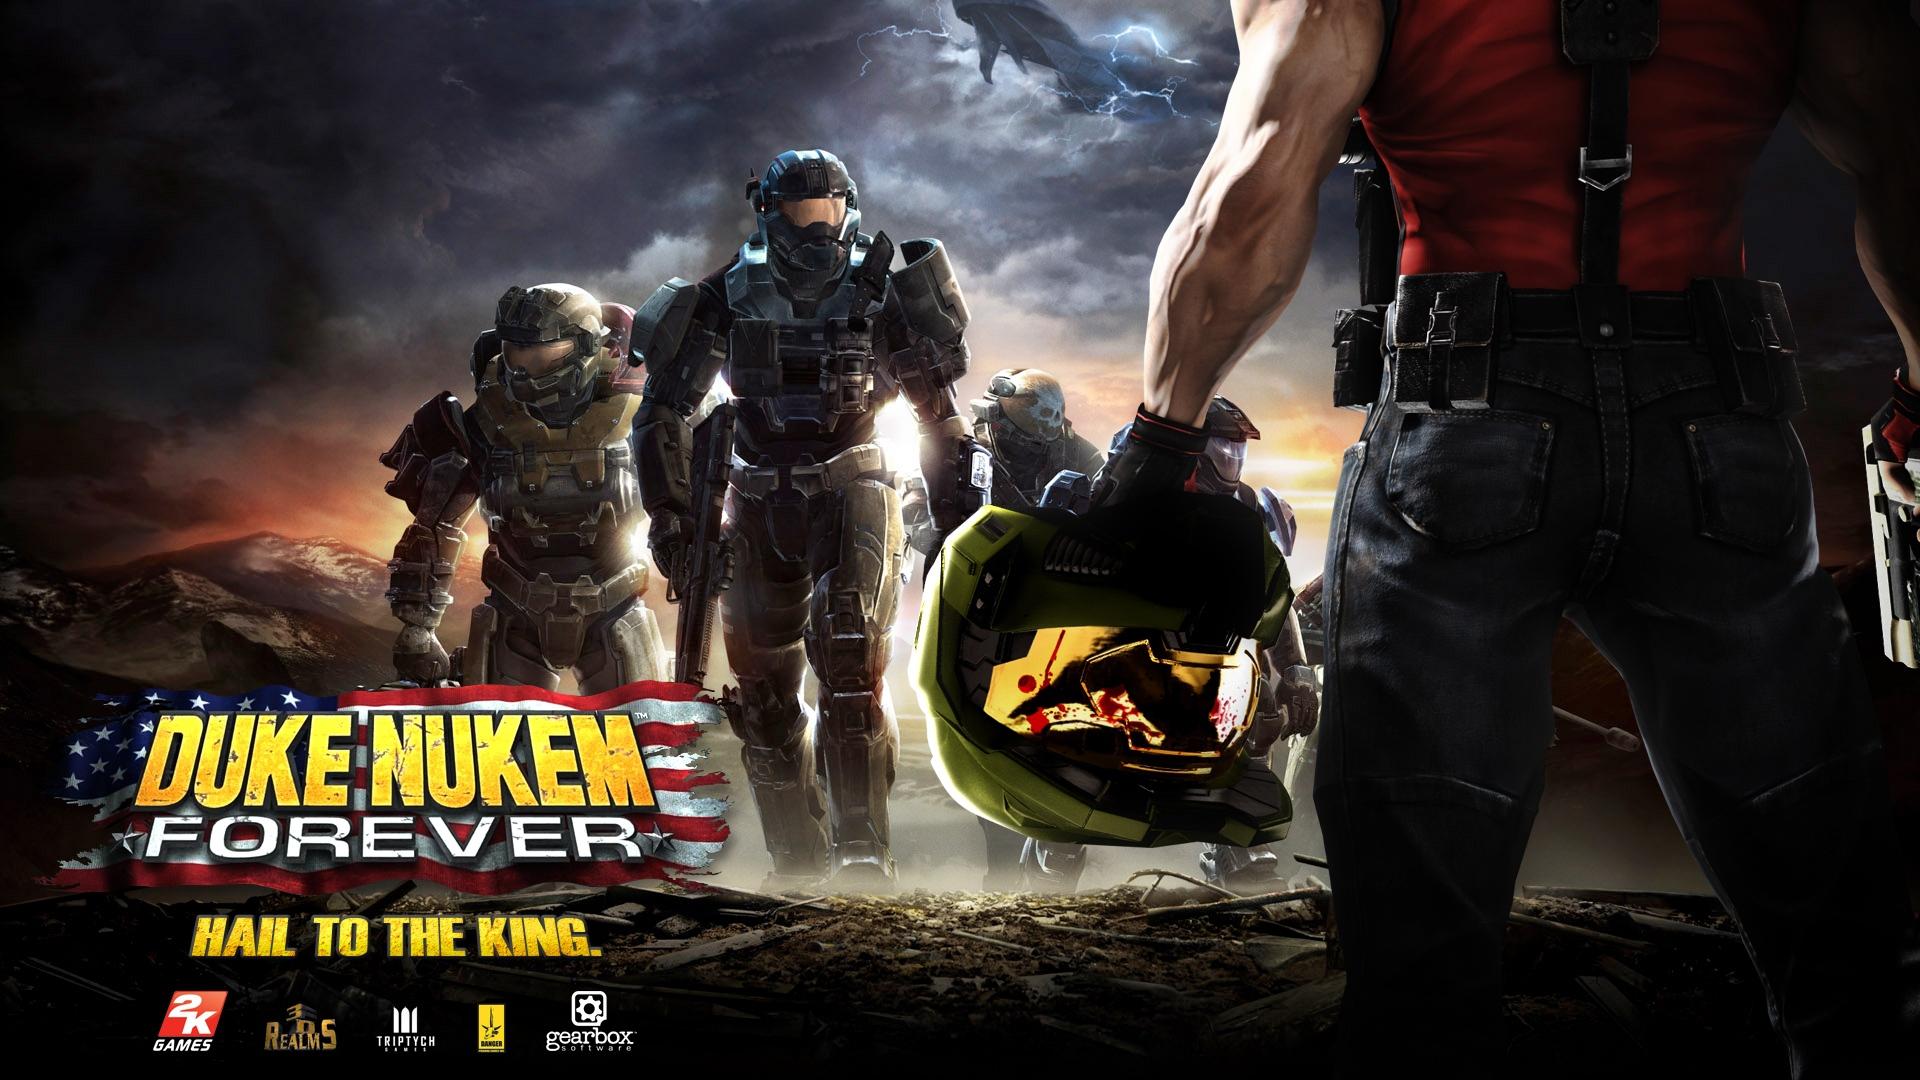 Duke Nukem Forever Sant John Soldier